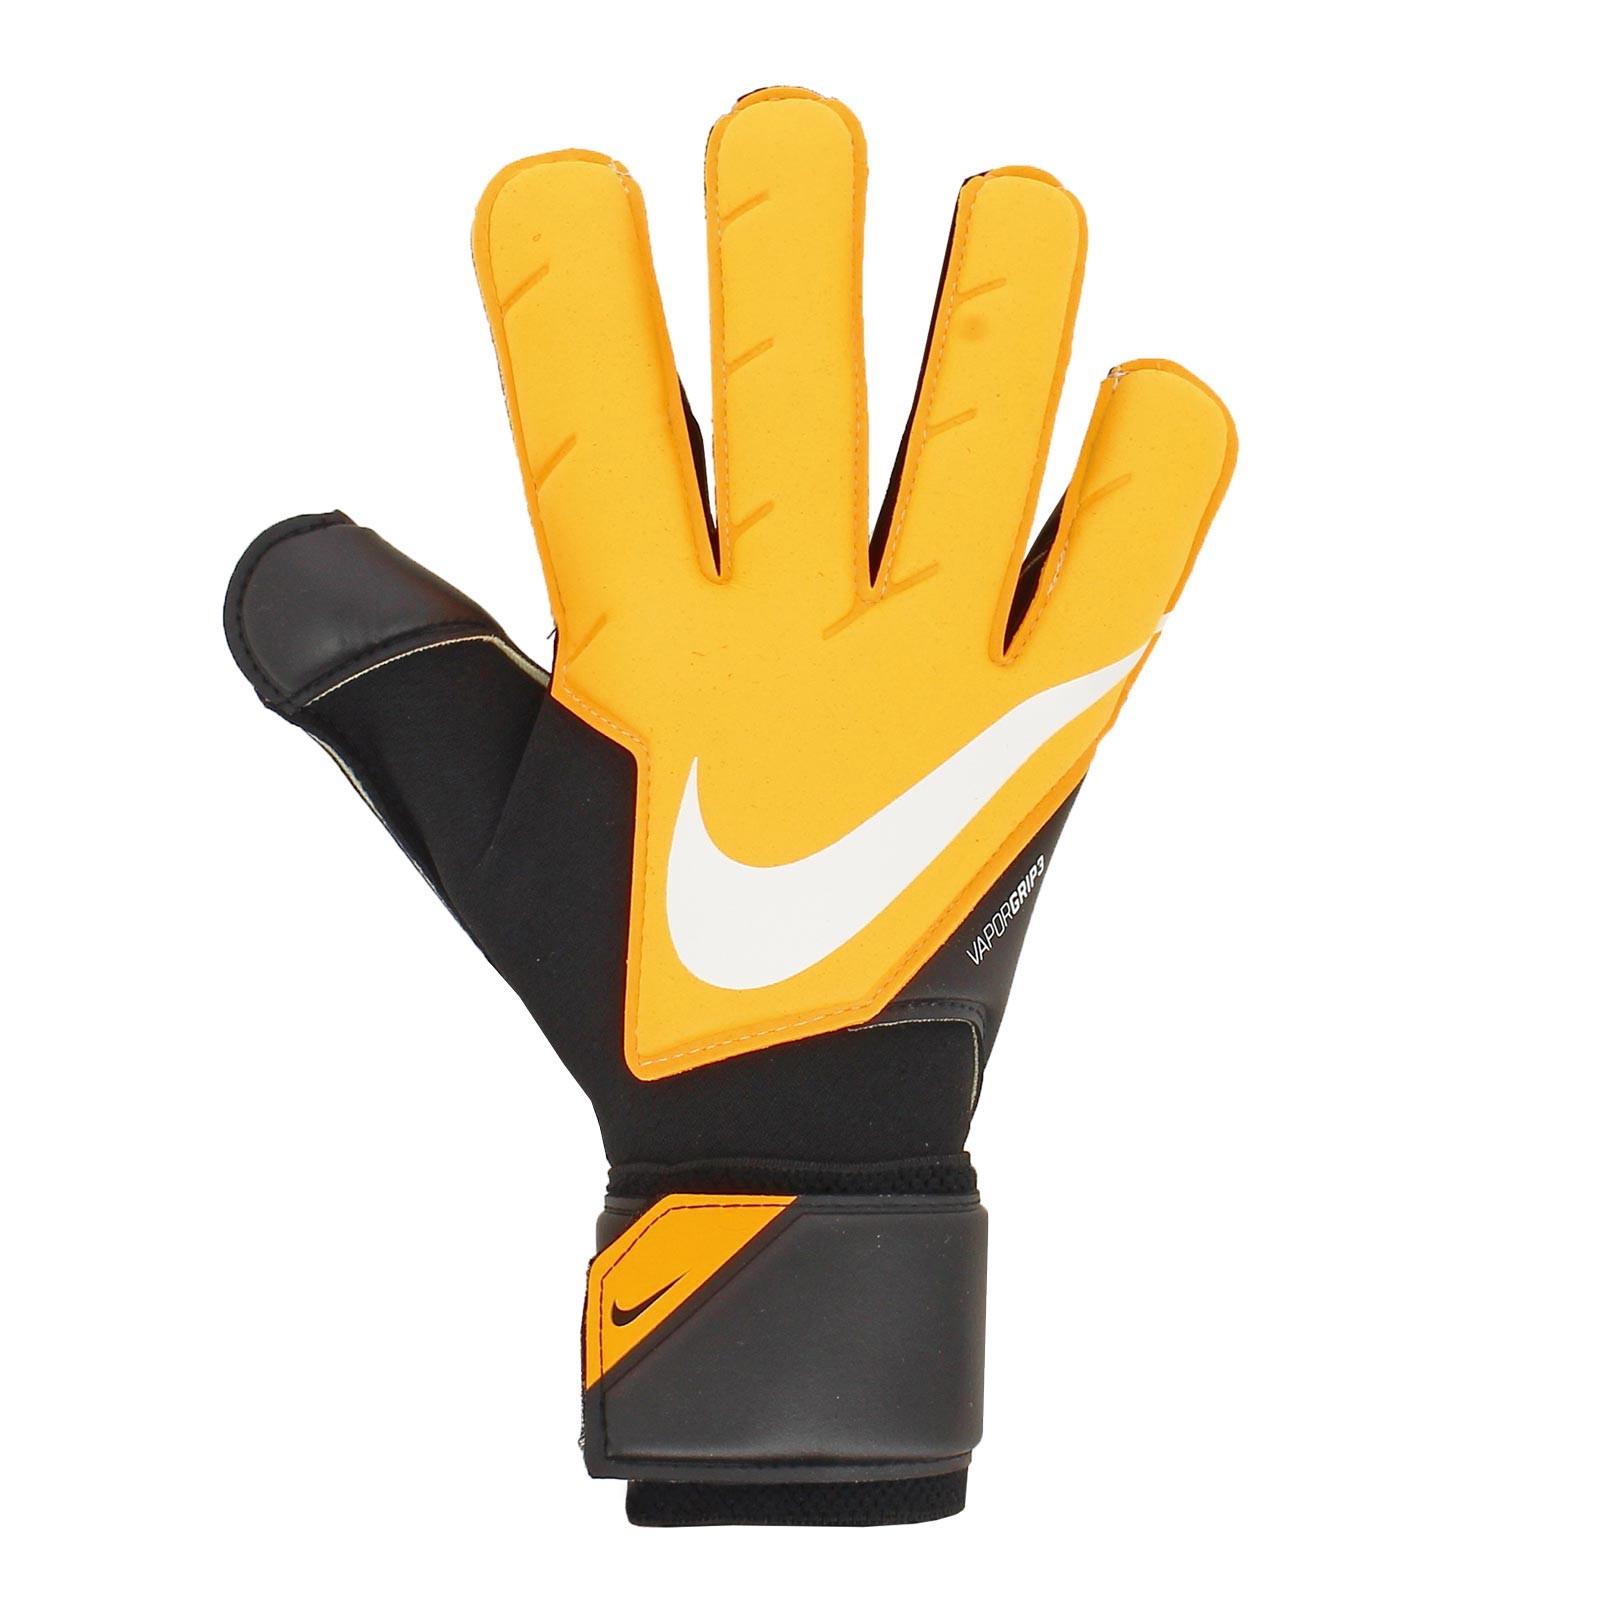 gritar Asco detrás  Guantes Nike GK Vapor Grip3 amarillos | futbolmania